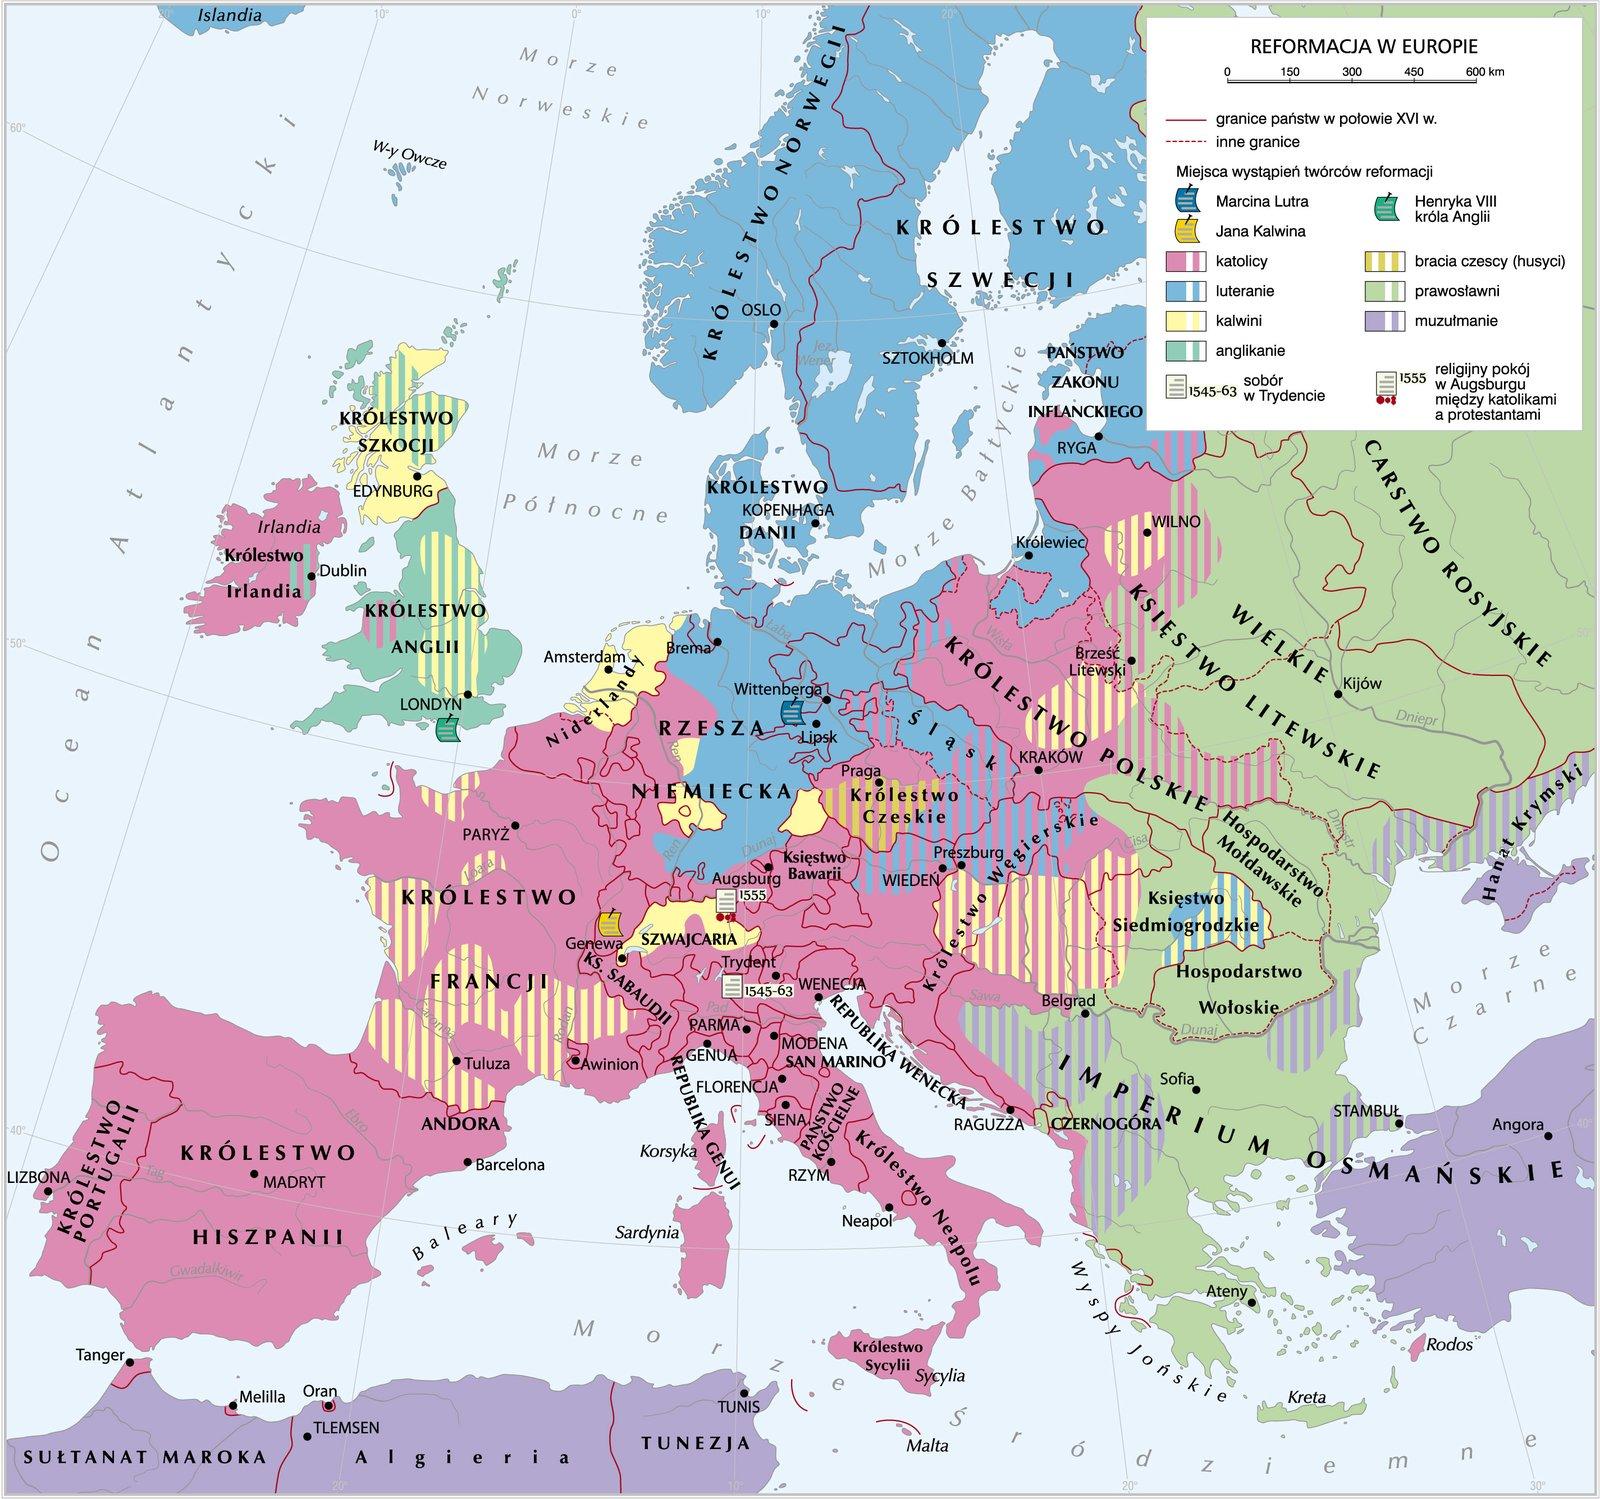 Rozprzestrzenienie się wyznań protestanckich wEuropie Źródło: Krystian Chariza izespół, Rozprzestrzenienie się wyznań protestanckich wEuropie, Krystian Chariza izespół.